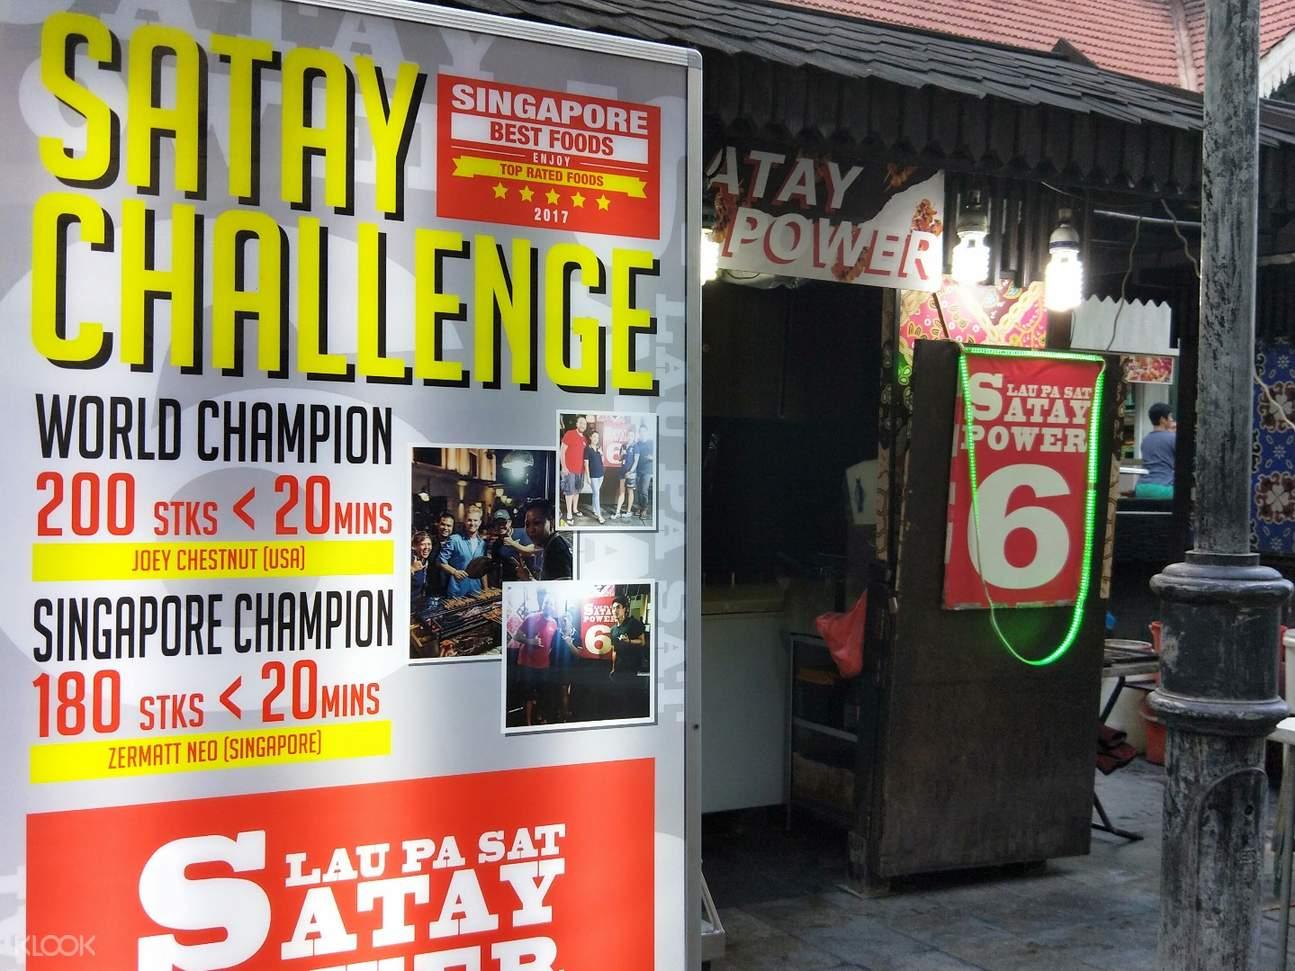 新加坡老巴剎Satay Power 6 - 沙爹俱樂部